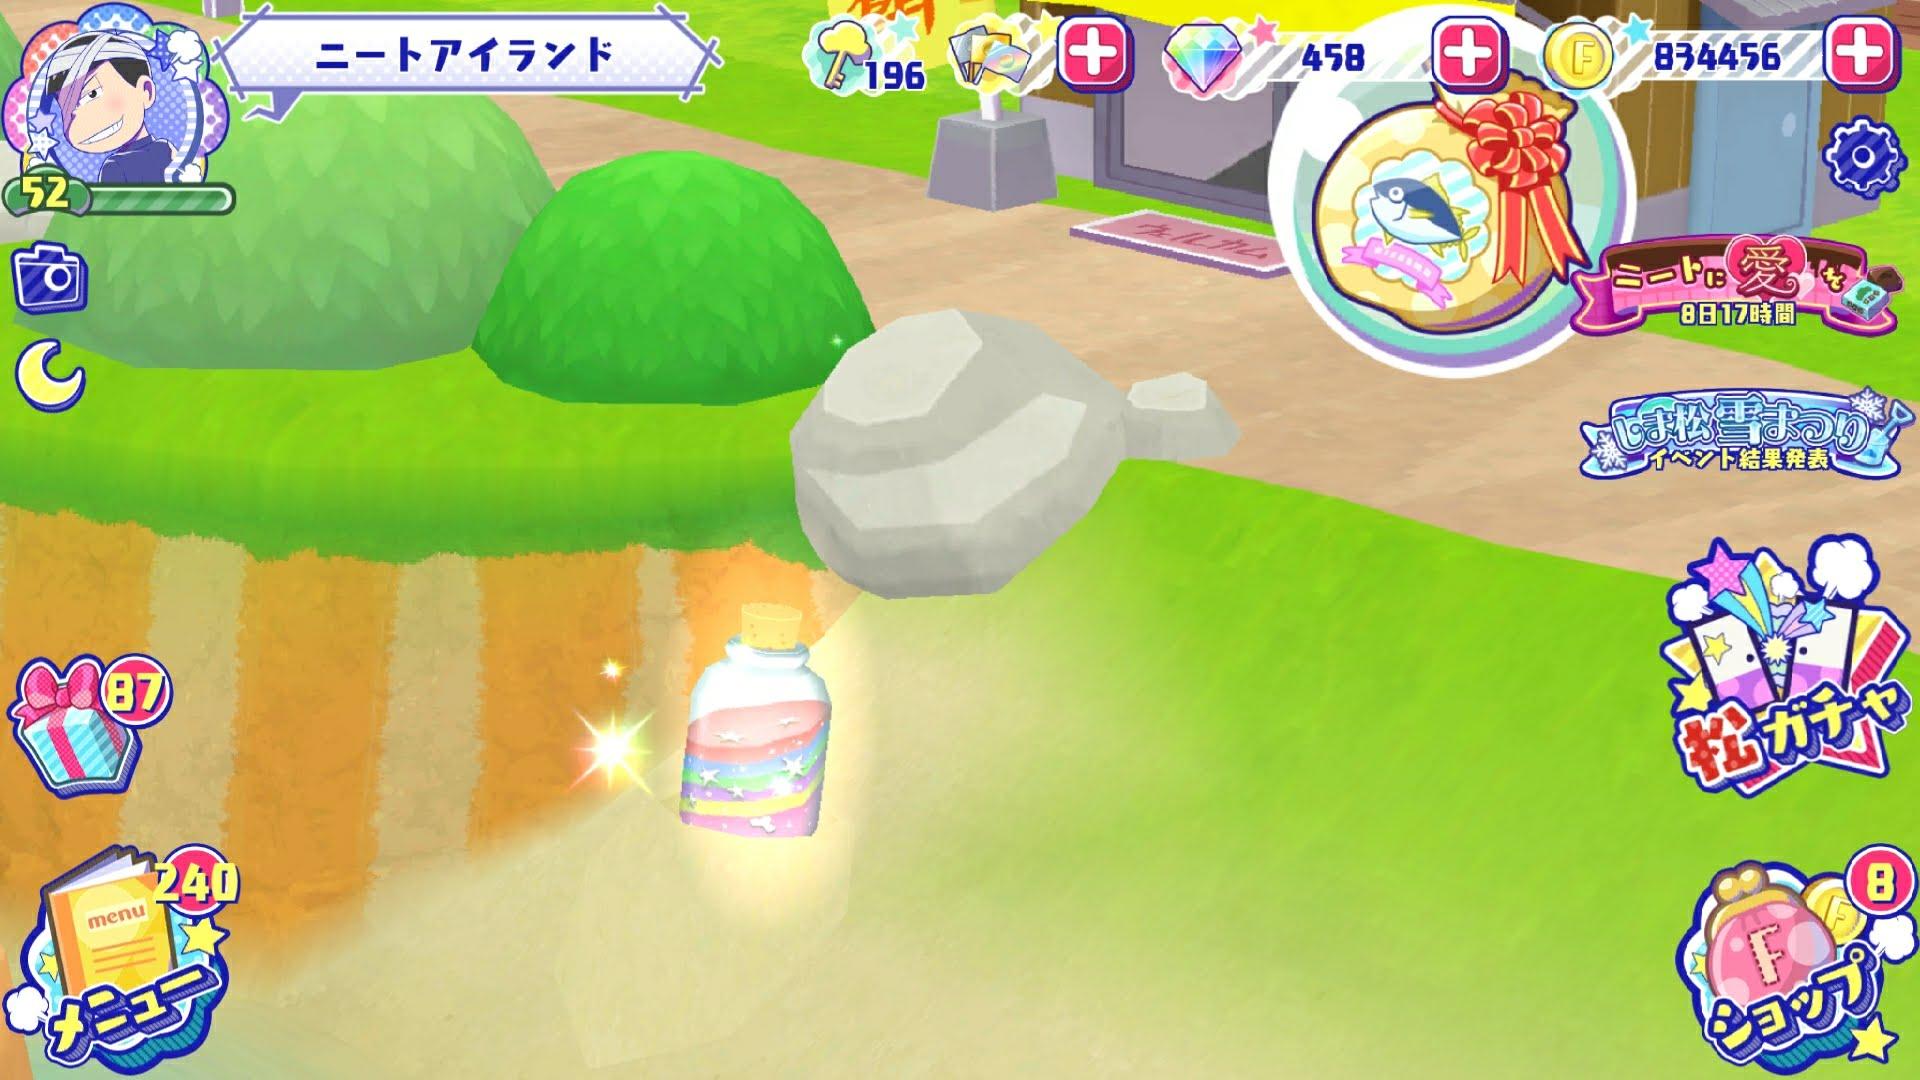 【しま松】虹の砂の瓶をうまく活用